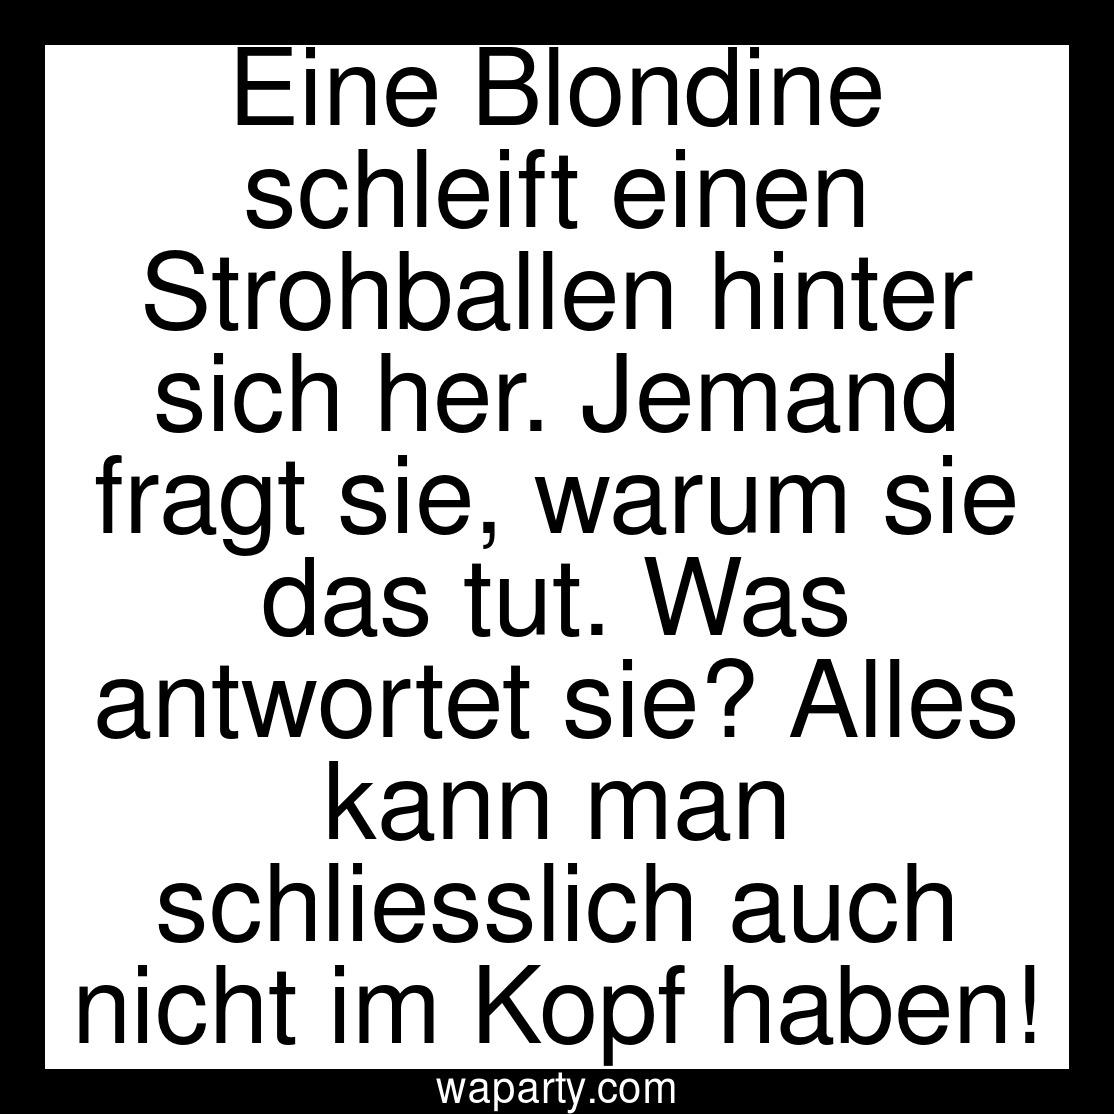 Eine Blondine schleift einen Strohballen hinter sich her. Jemand fragt sie, warum sie das tut. Was antwortet sie? Alles kann man schliesslich auch nicht im Kopf haben!